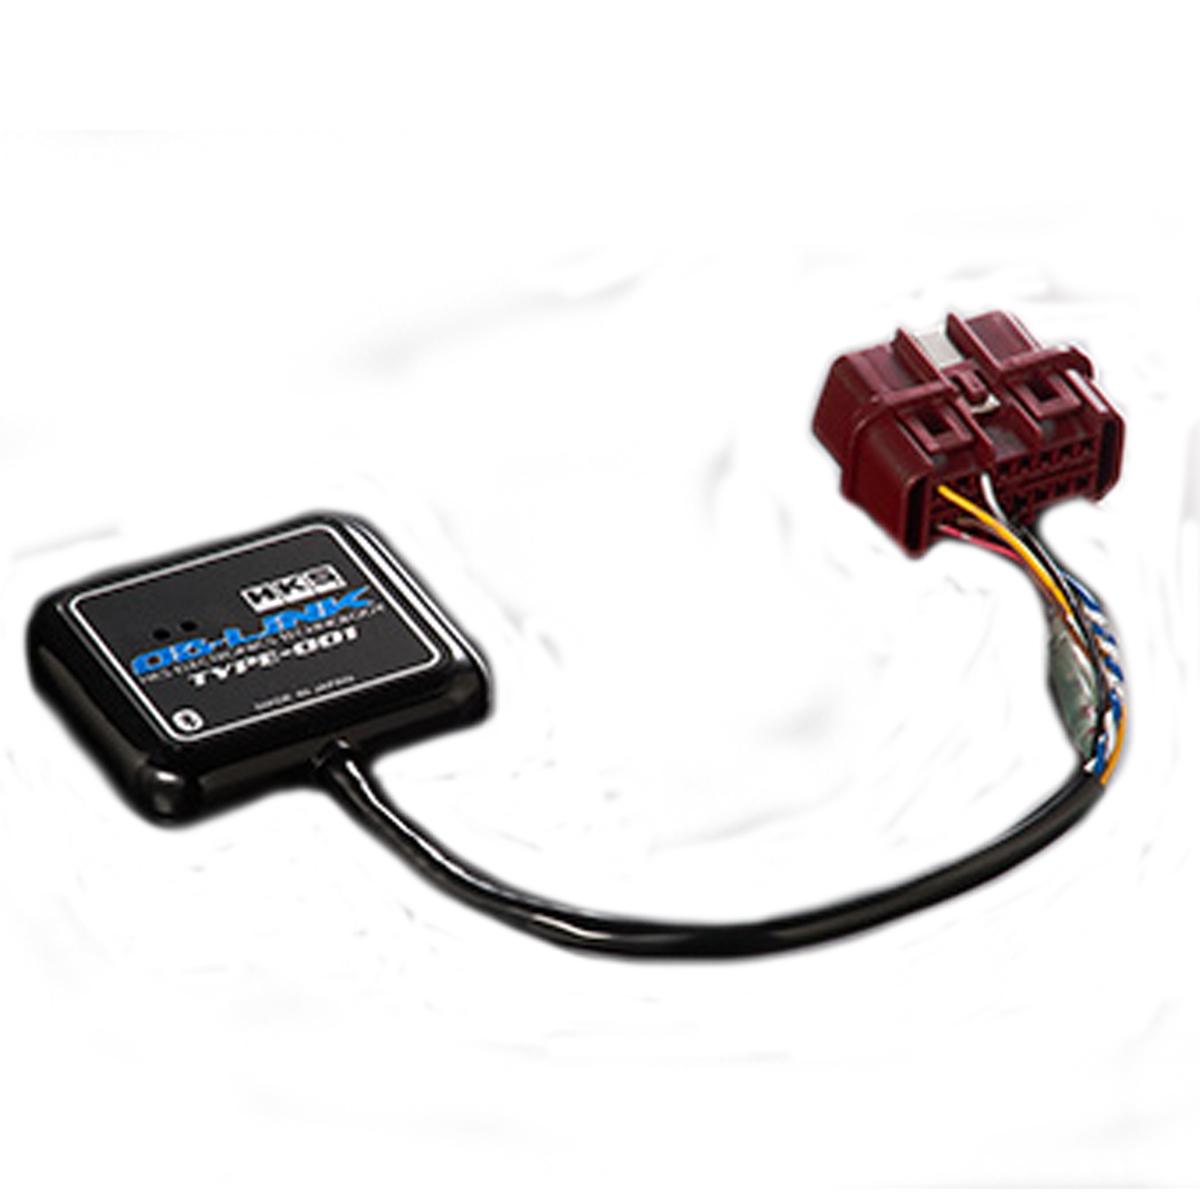 マーク2 モニター OBリンク タイプ 001 JZX110 HKS 44009-AK002 エレクトリニクス 個人宅発送追金有